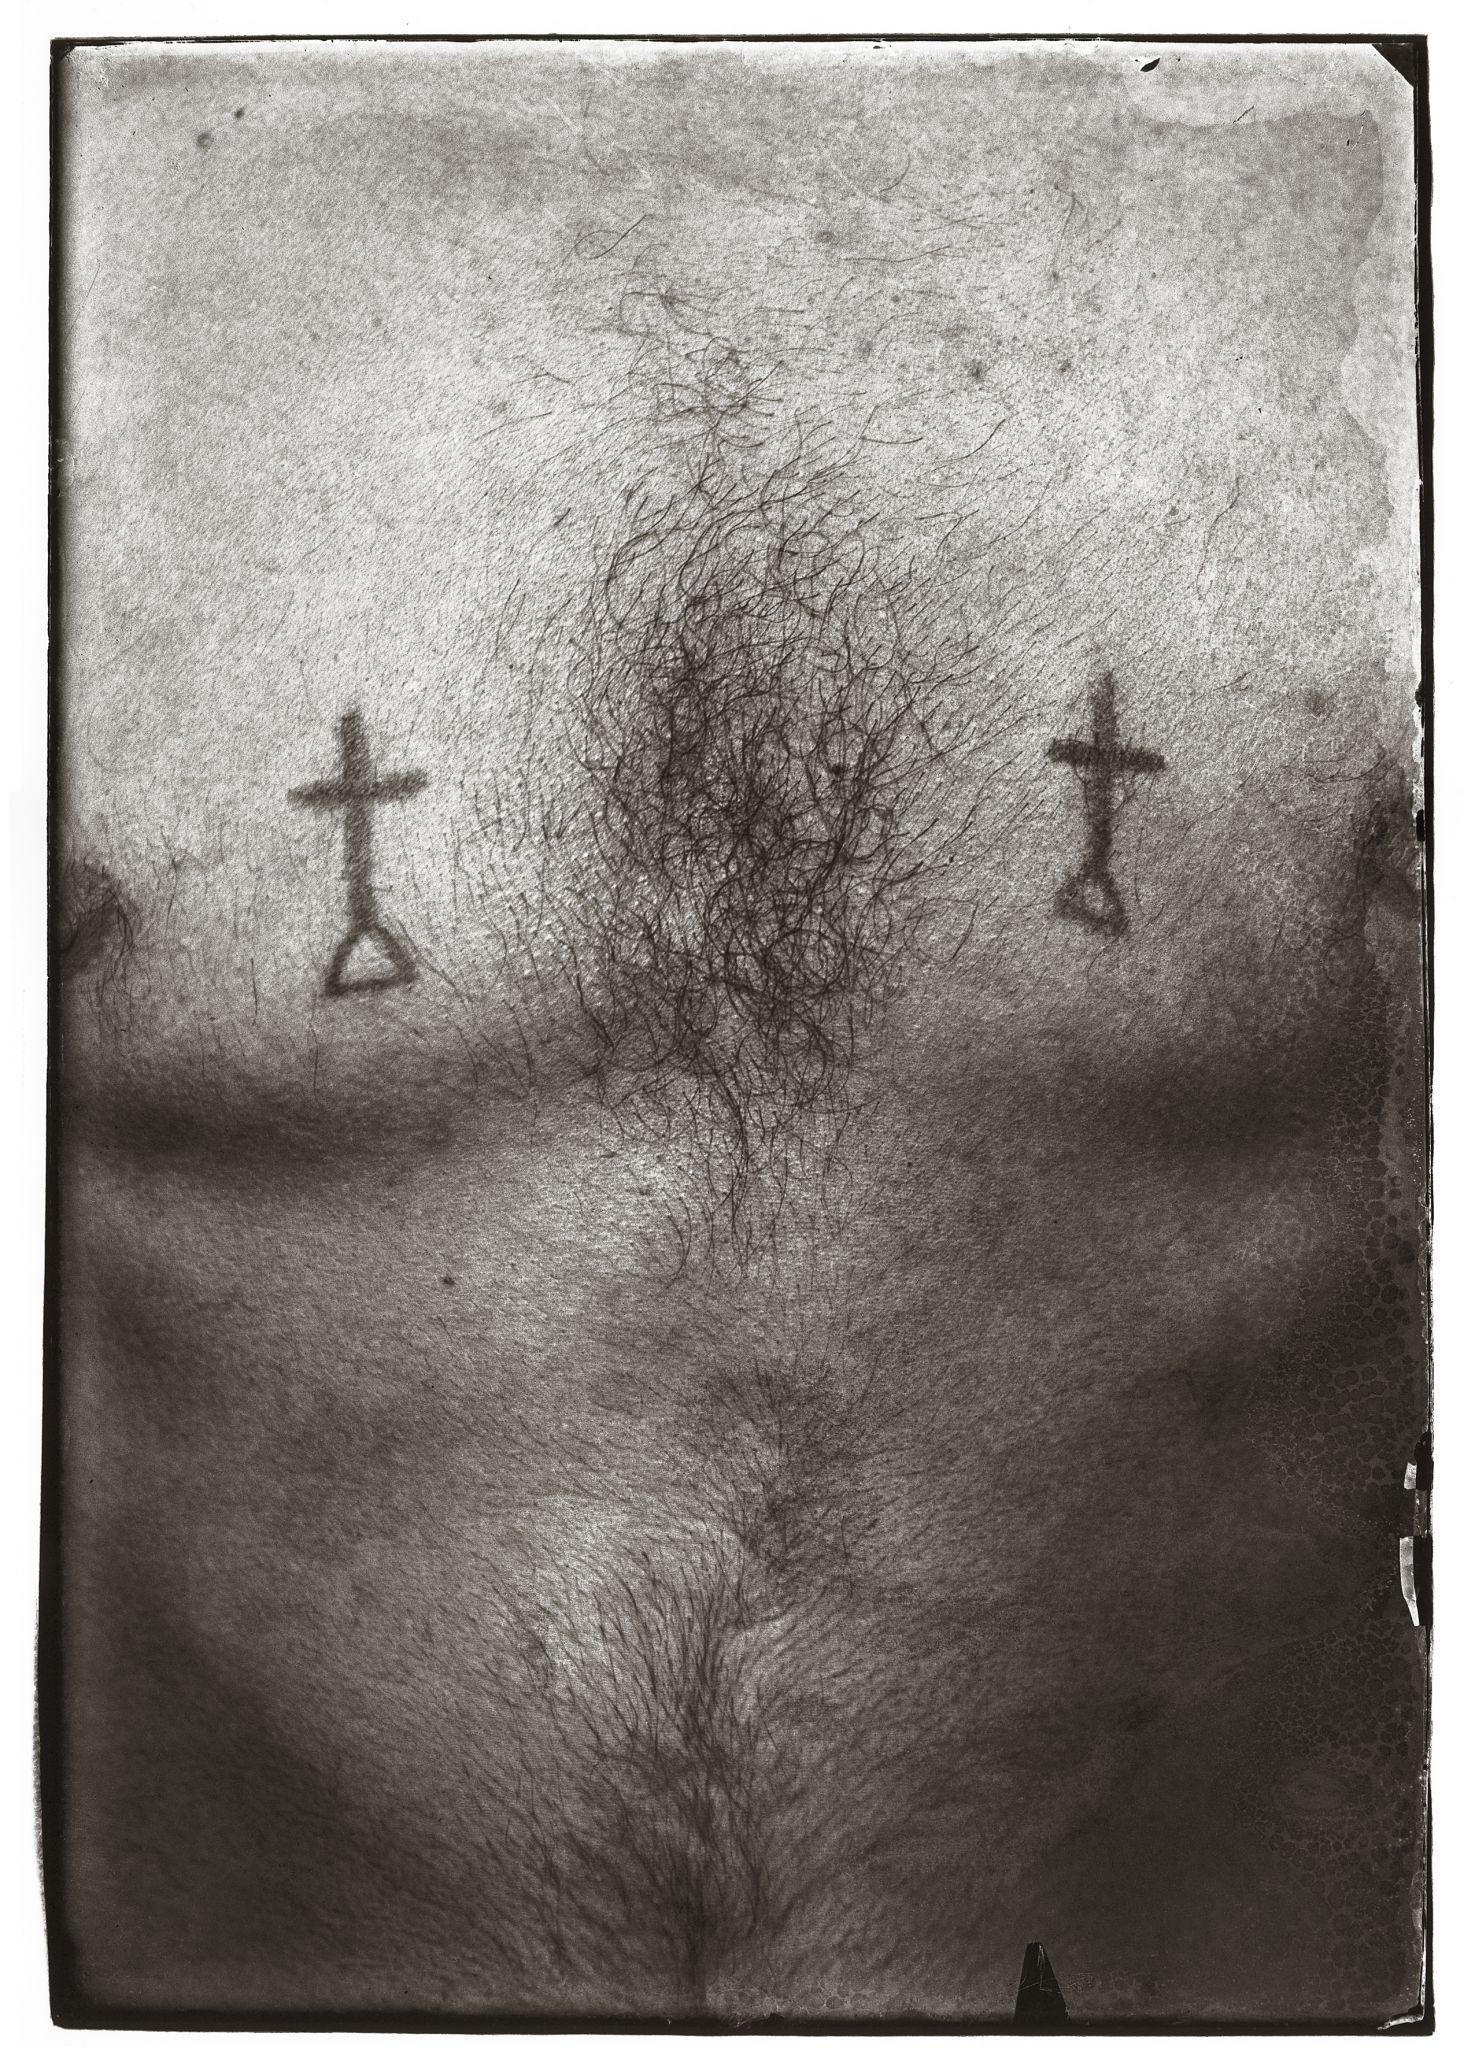 Rosângela Rennó, Sem título (Tattoo 2), 1998, da série Museu Penitenciário/Cicatriz, 1997–1998. Cortesia da artista